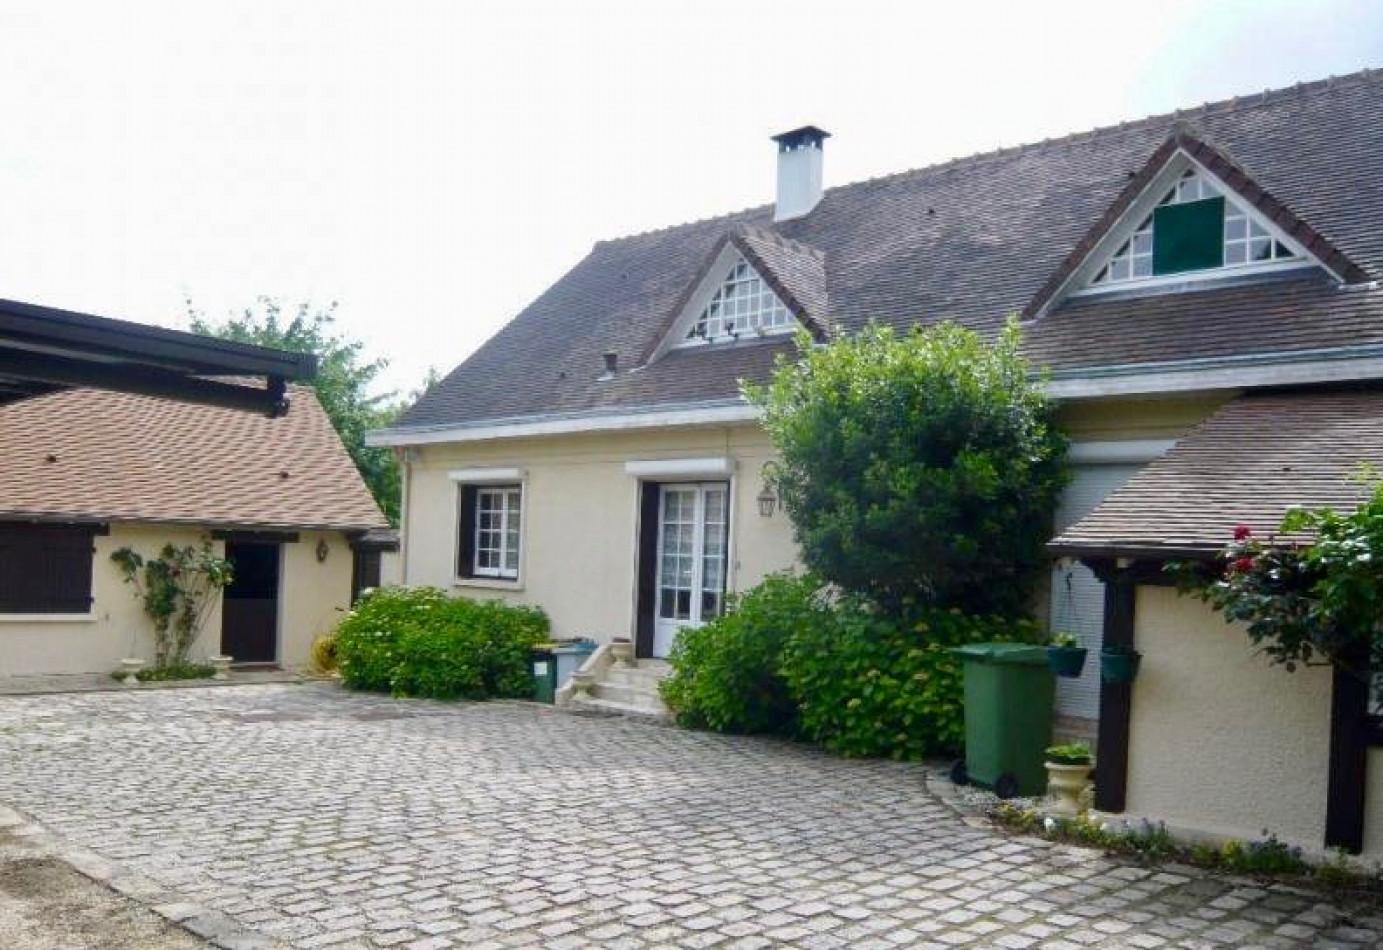 Vie Et Veranda Thoiry vente maison septeuil, 330m² 10 pièces 850 000€